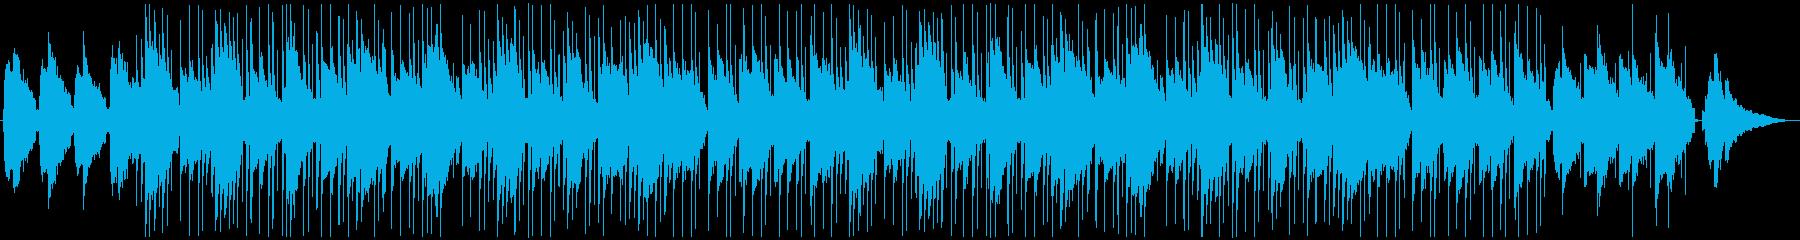 ゆったりリラックスしたエレキギターのチルの再生済みの波形